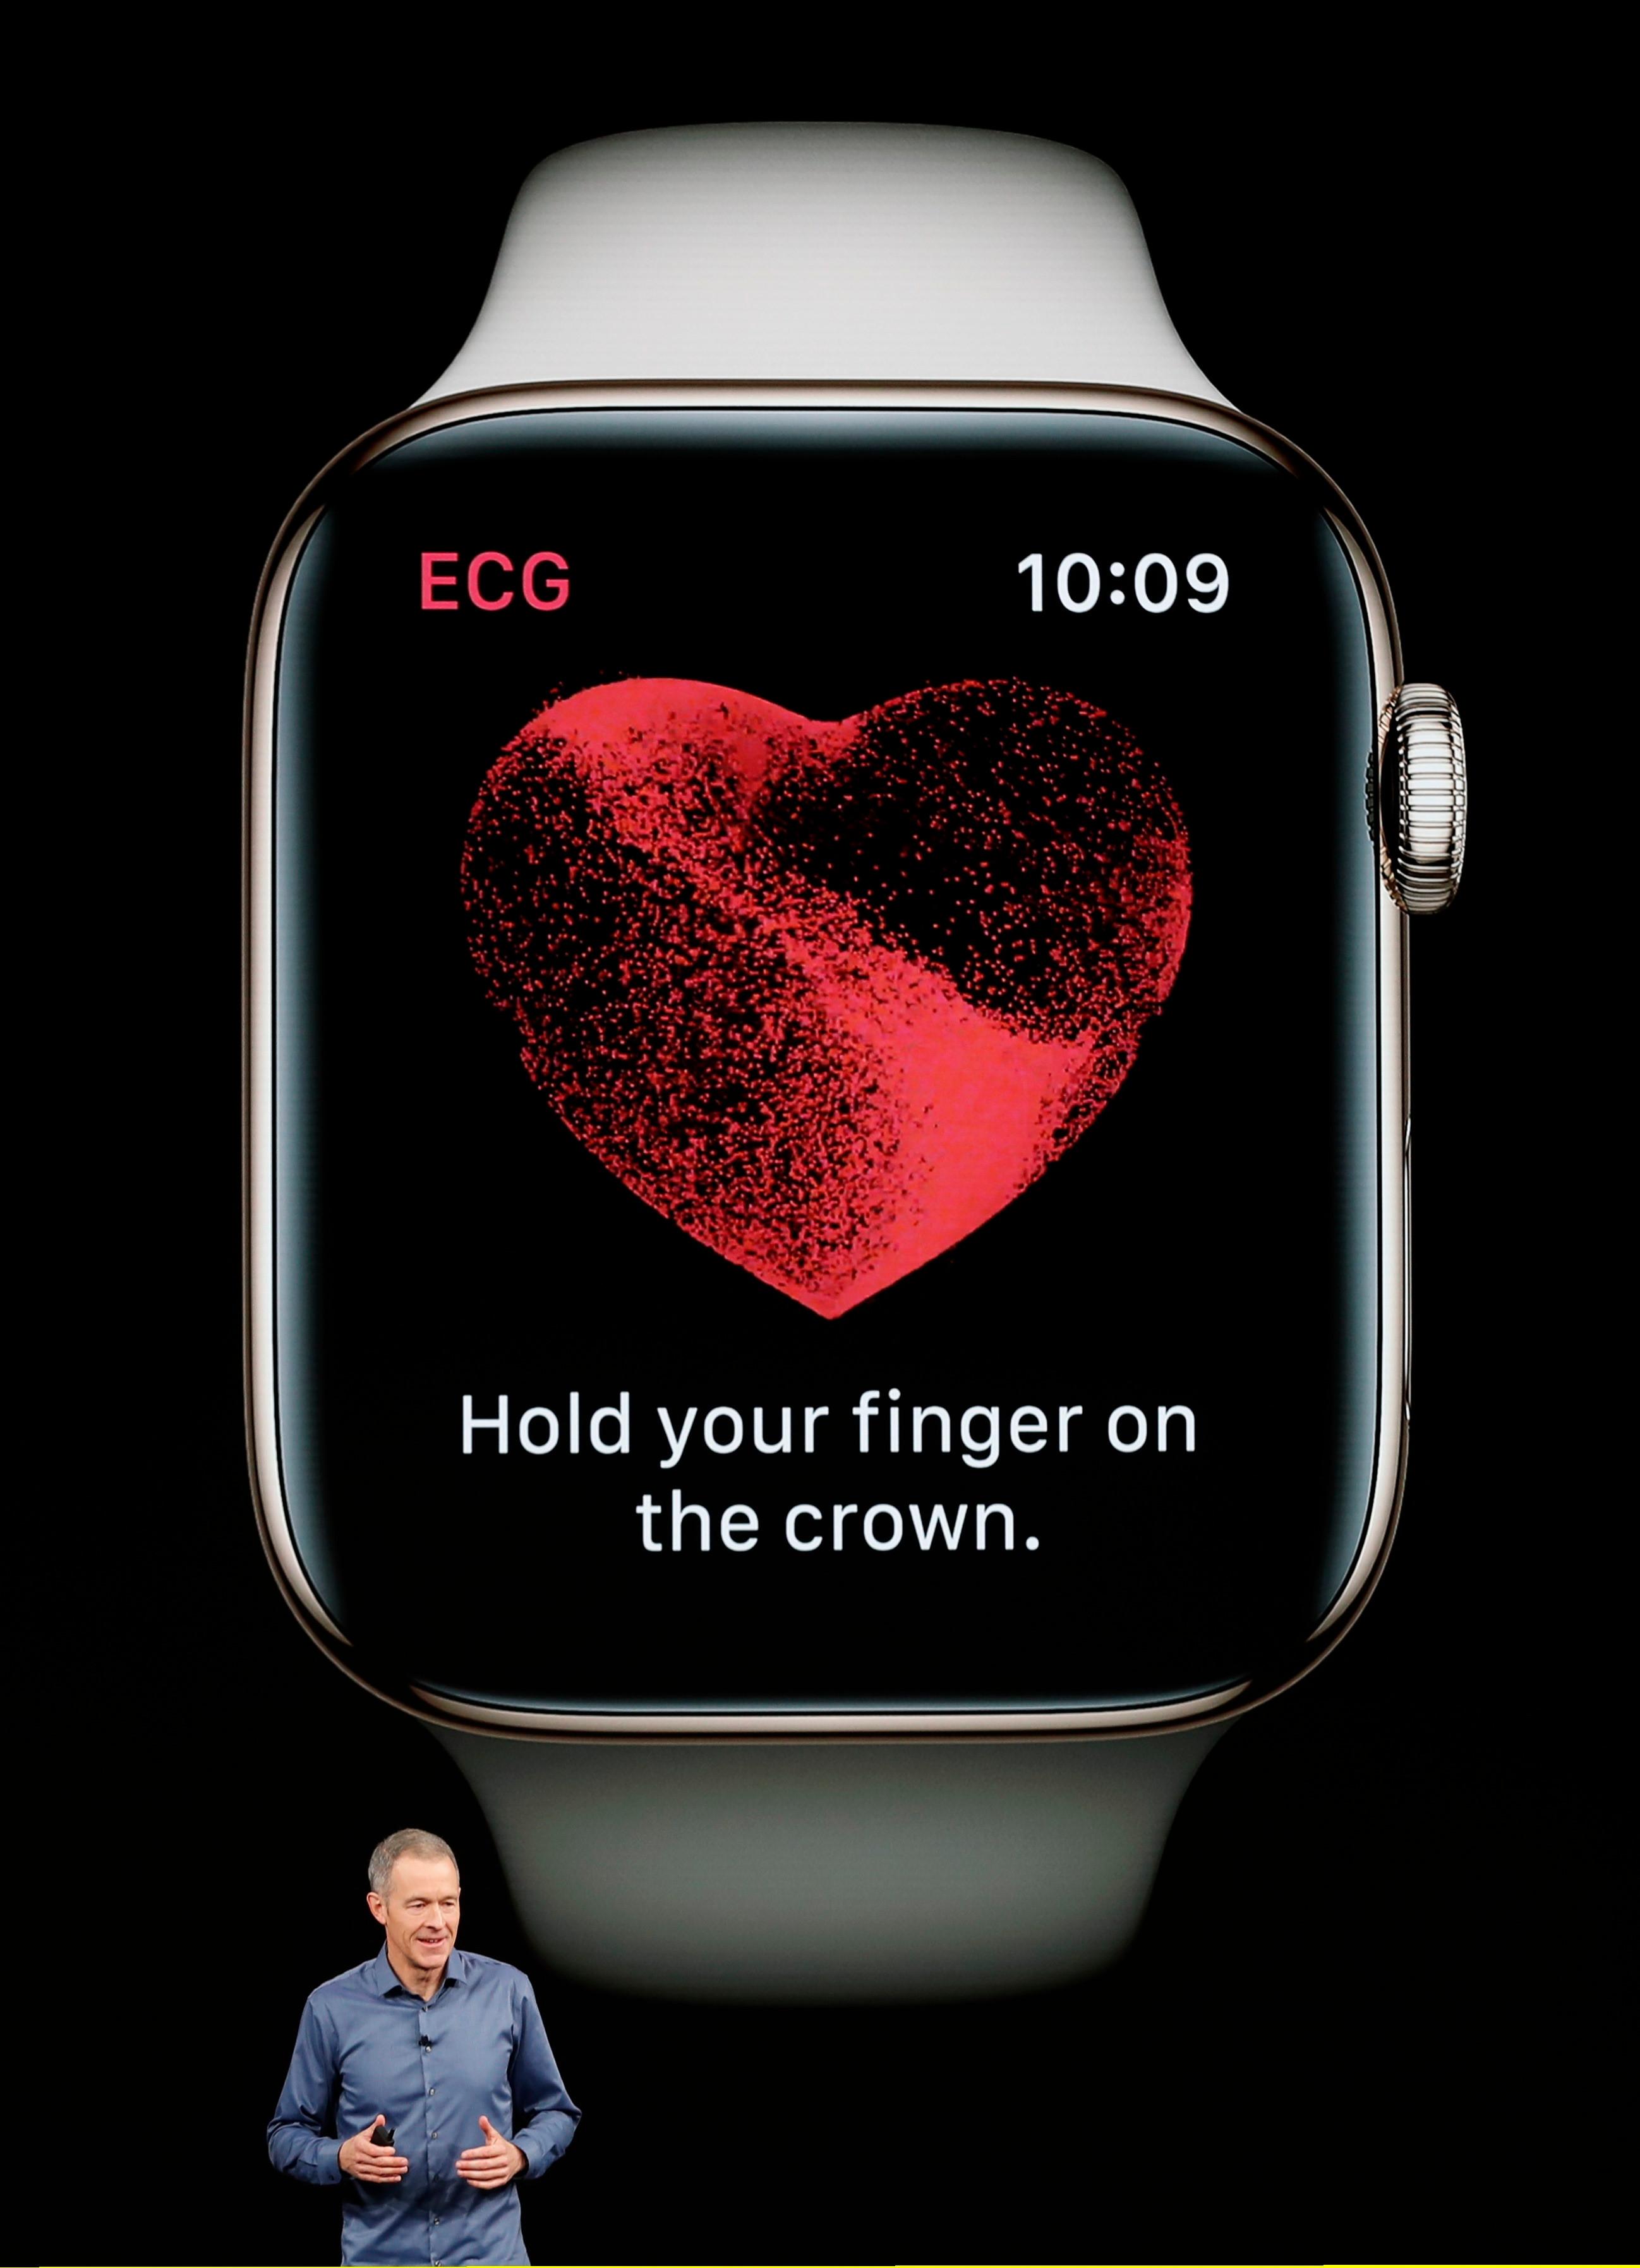 نحن نتوقع نسخة جديدة من Apple Watch أن يتم كشف النقاب عنها أيضًا